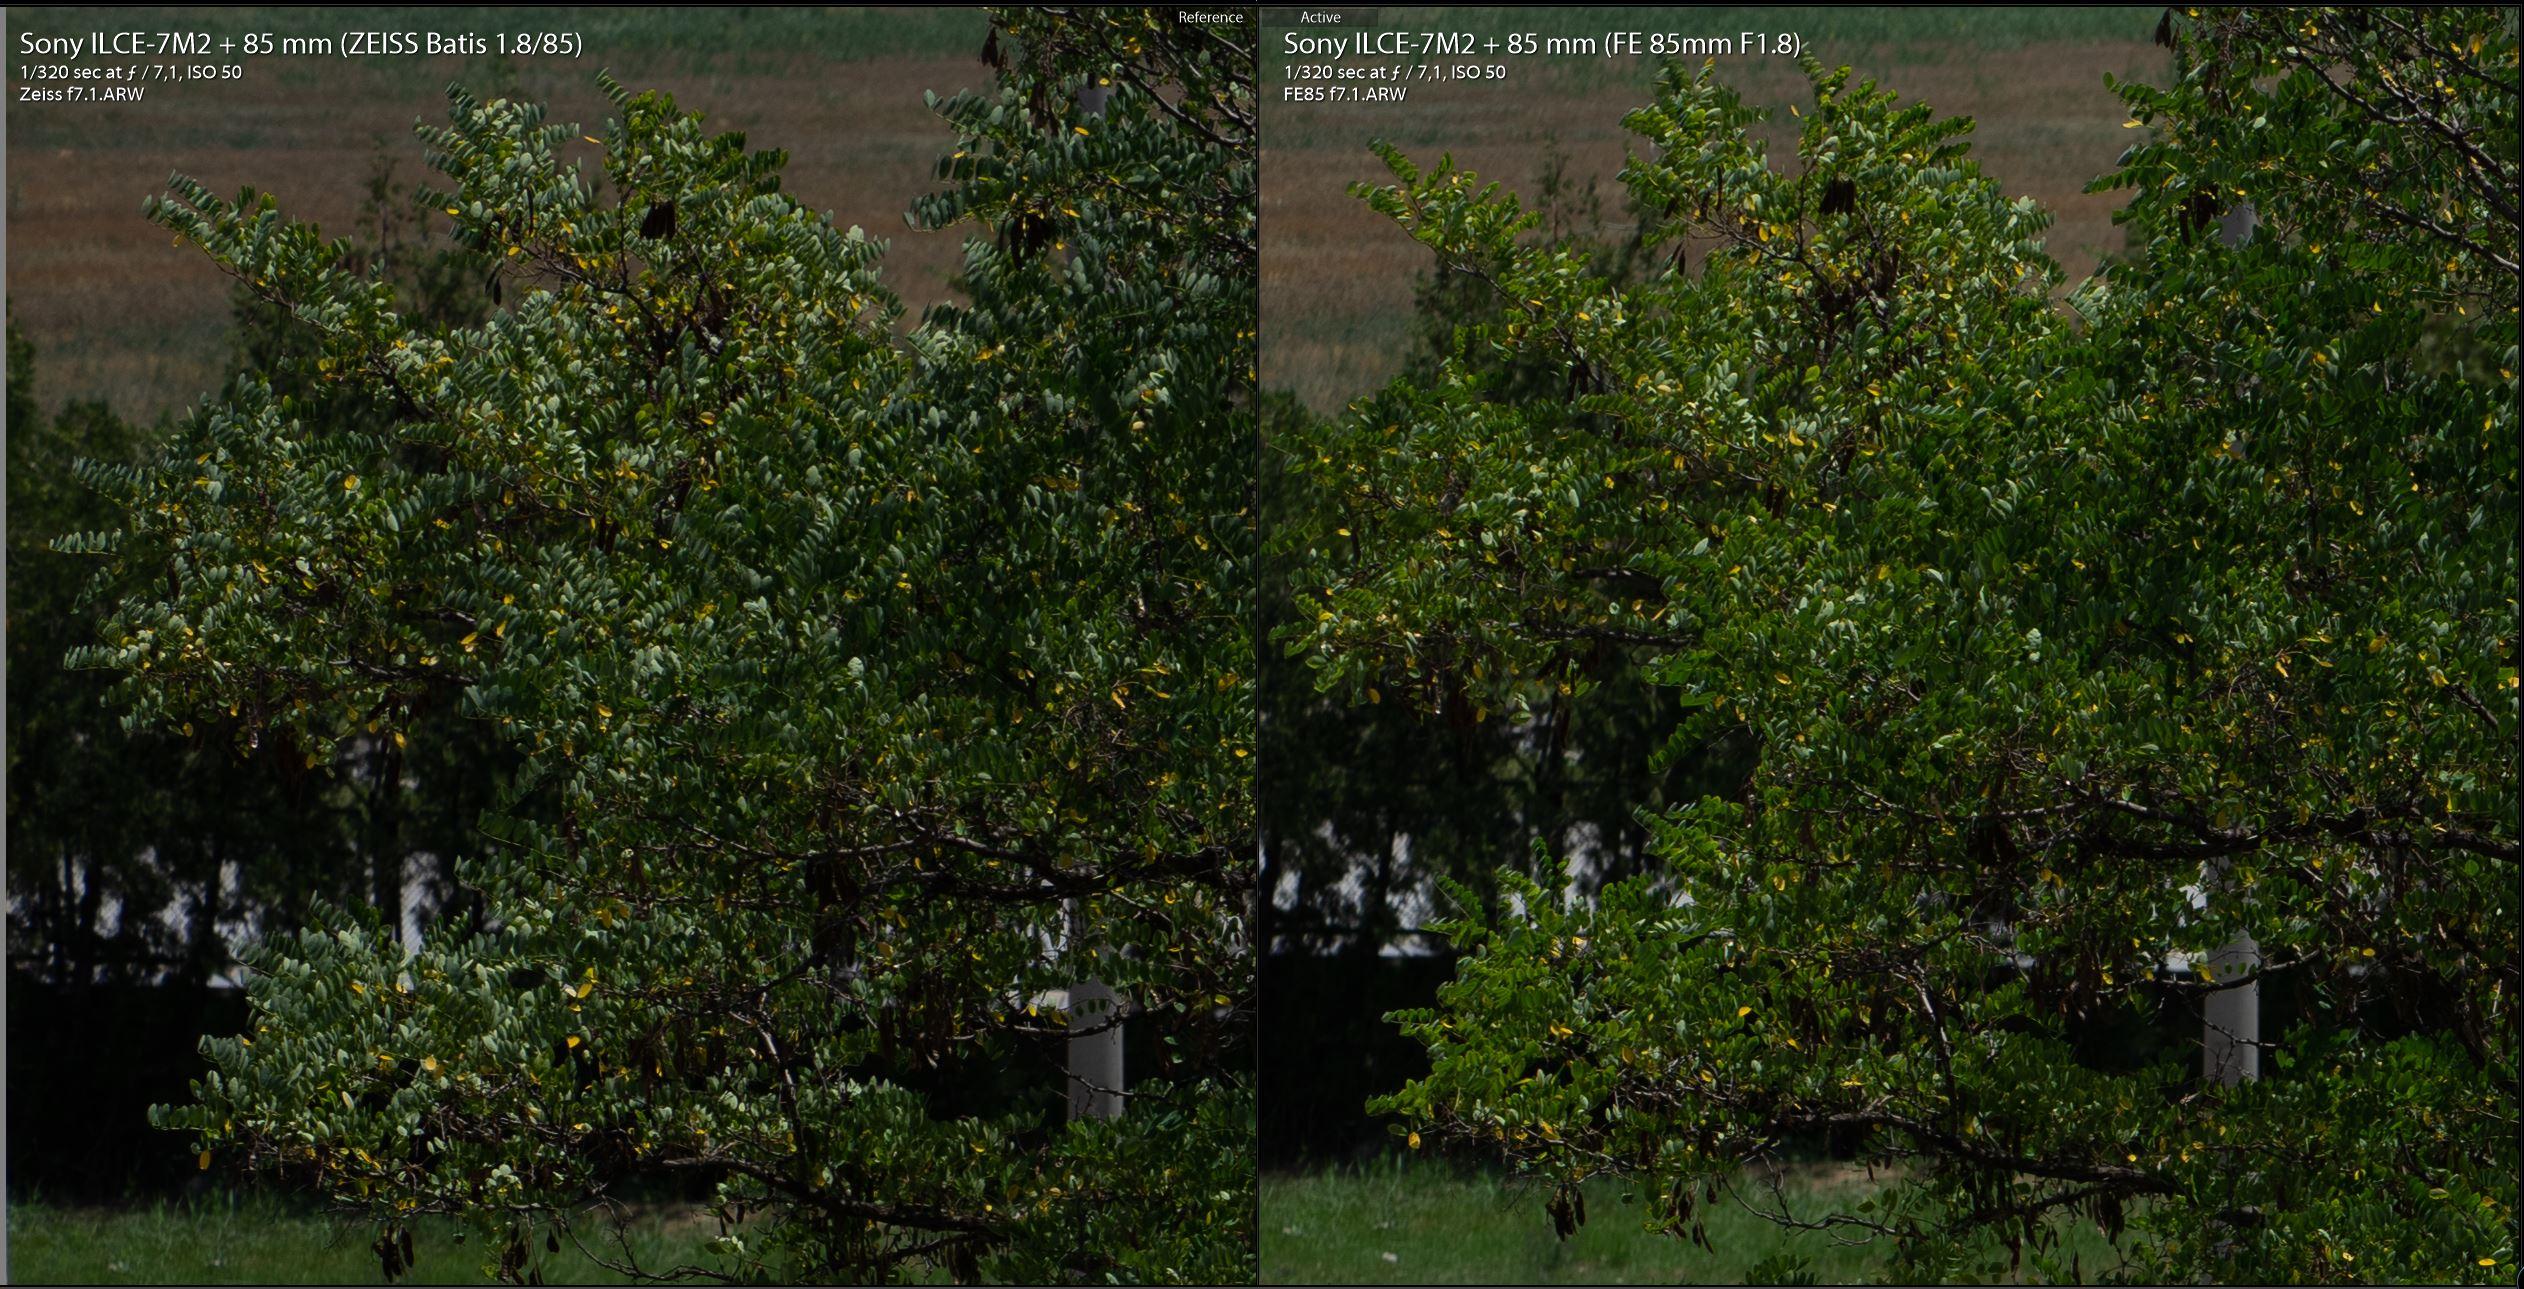 Zeiss-Batis-85mm-vs-Sony-FE-85mm-F7.1-yesil.JPG